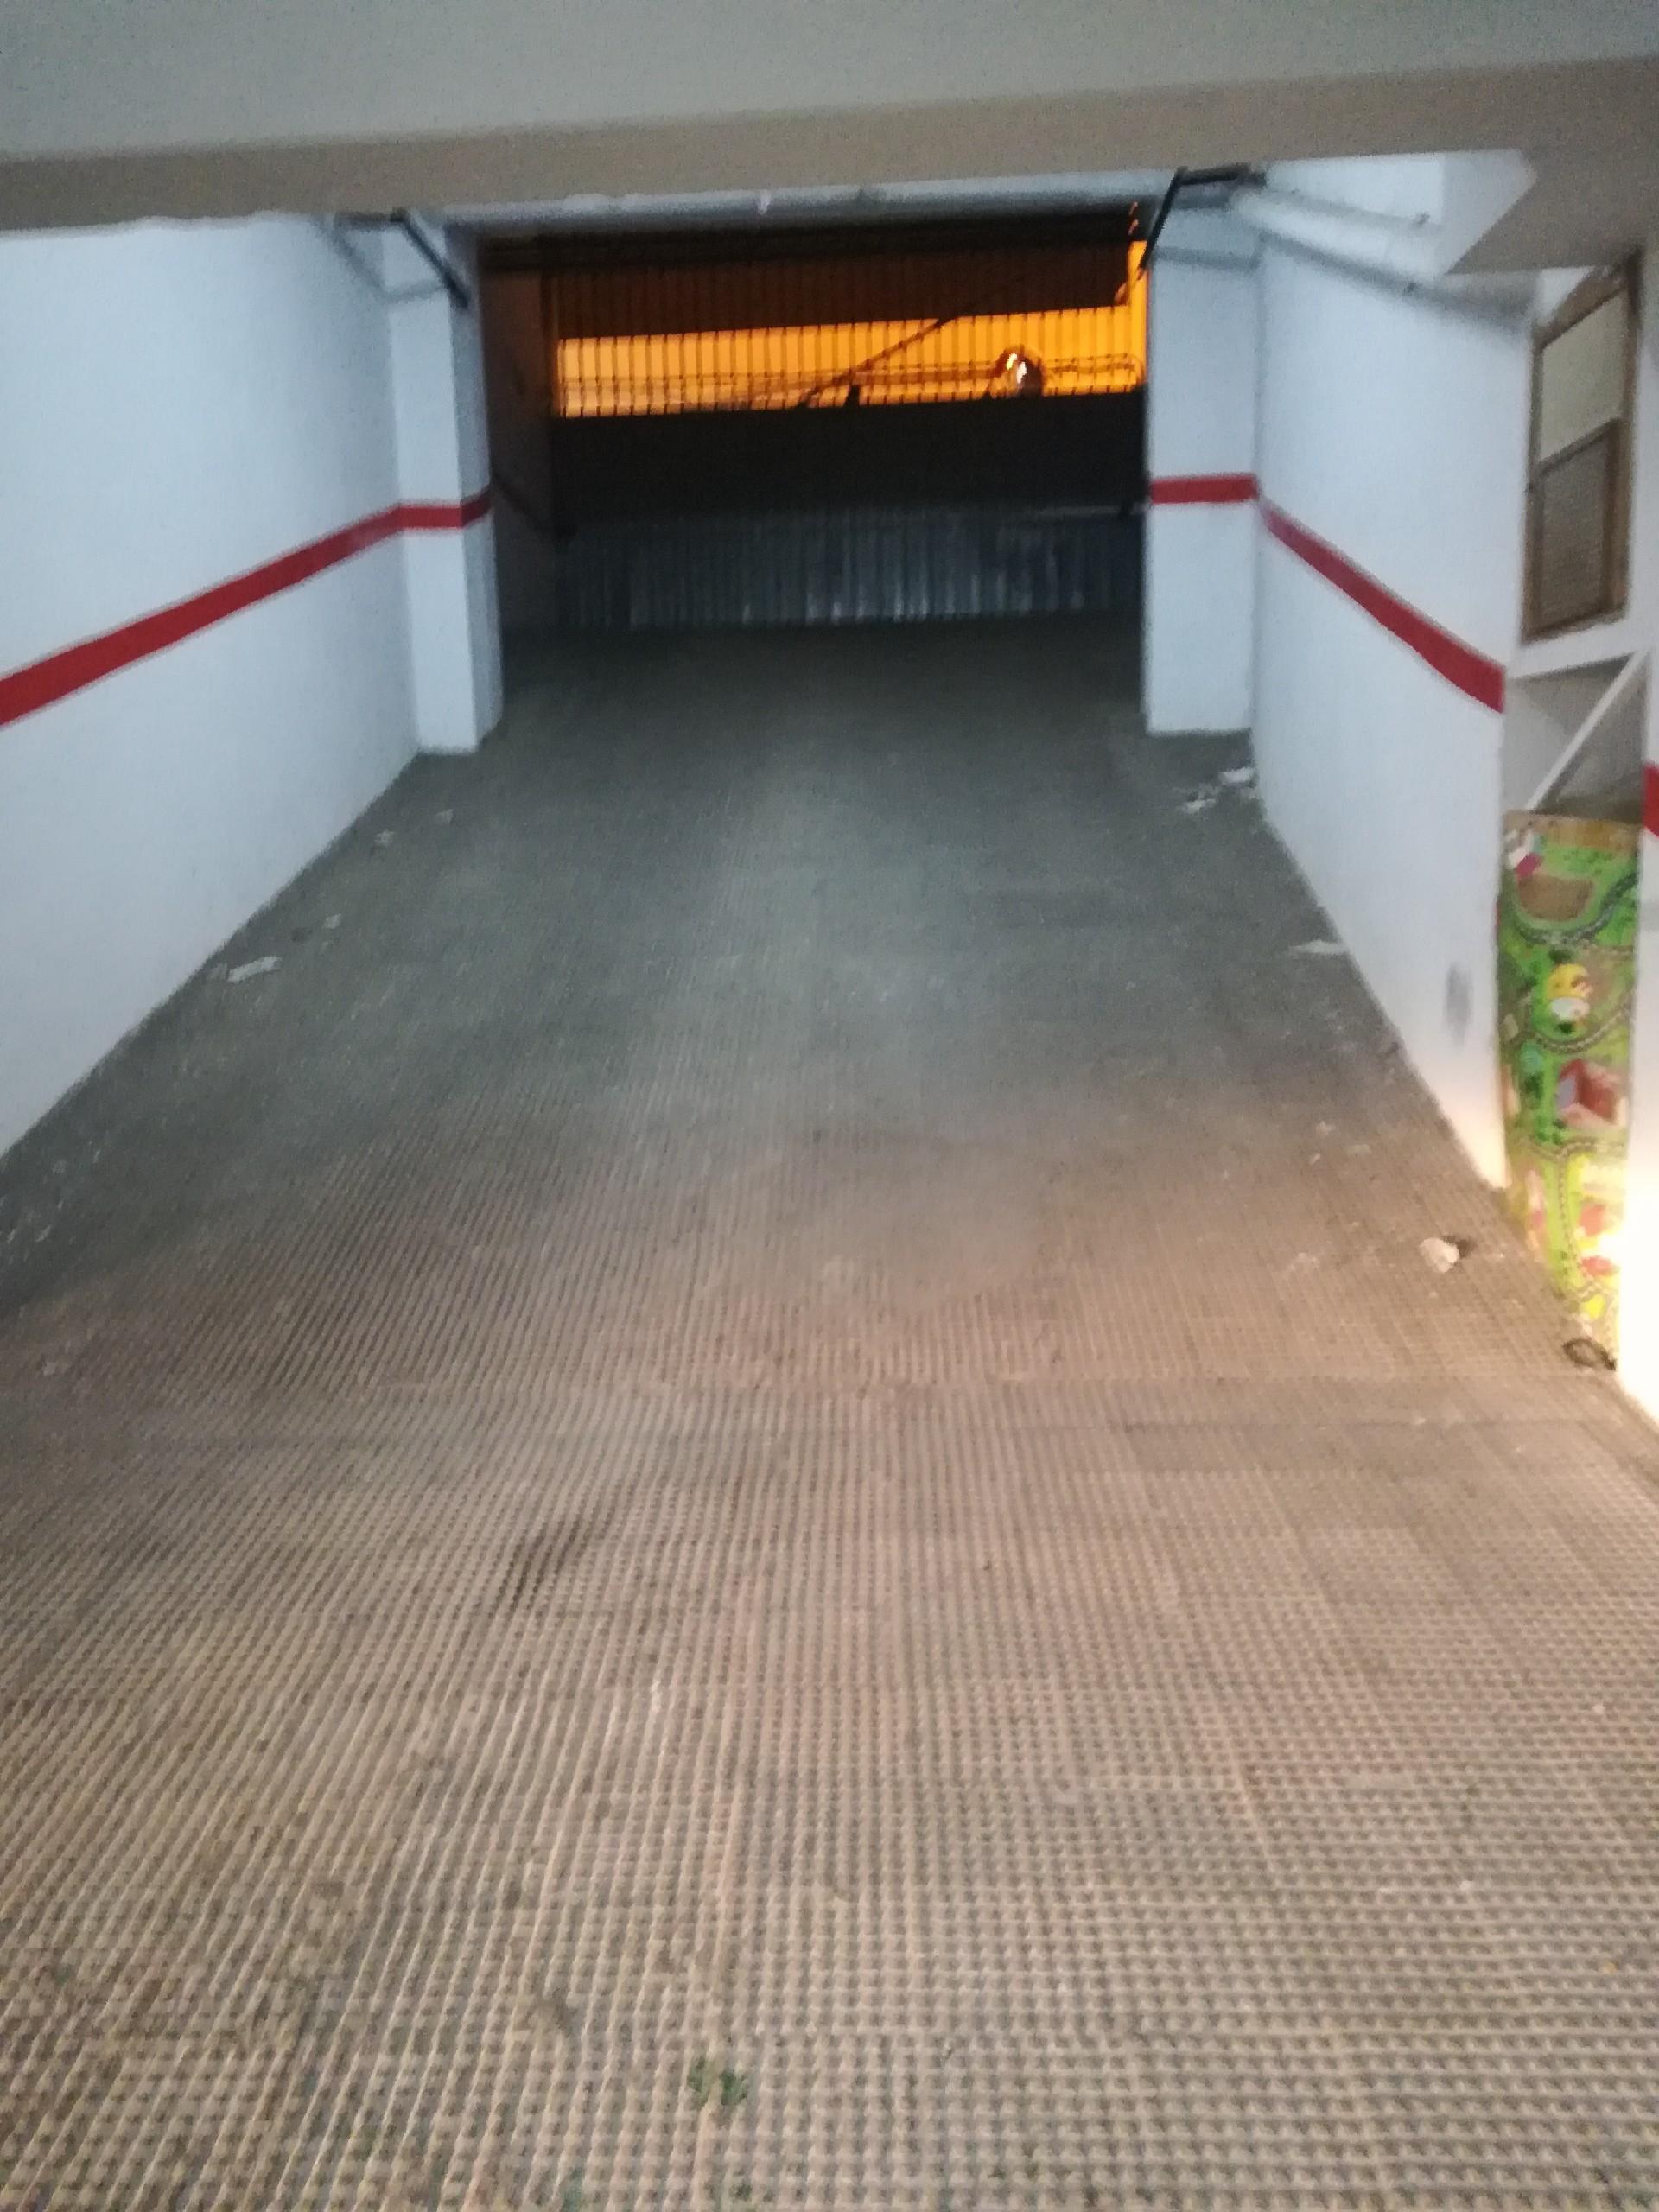 Location Parking voiture  Calle san diego. Garaje - sagunto (centro)